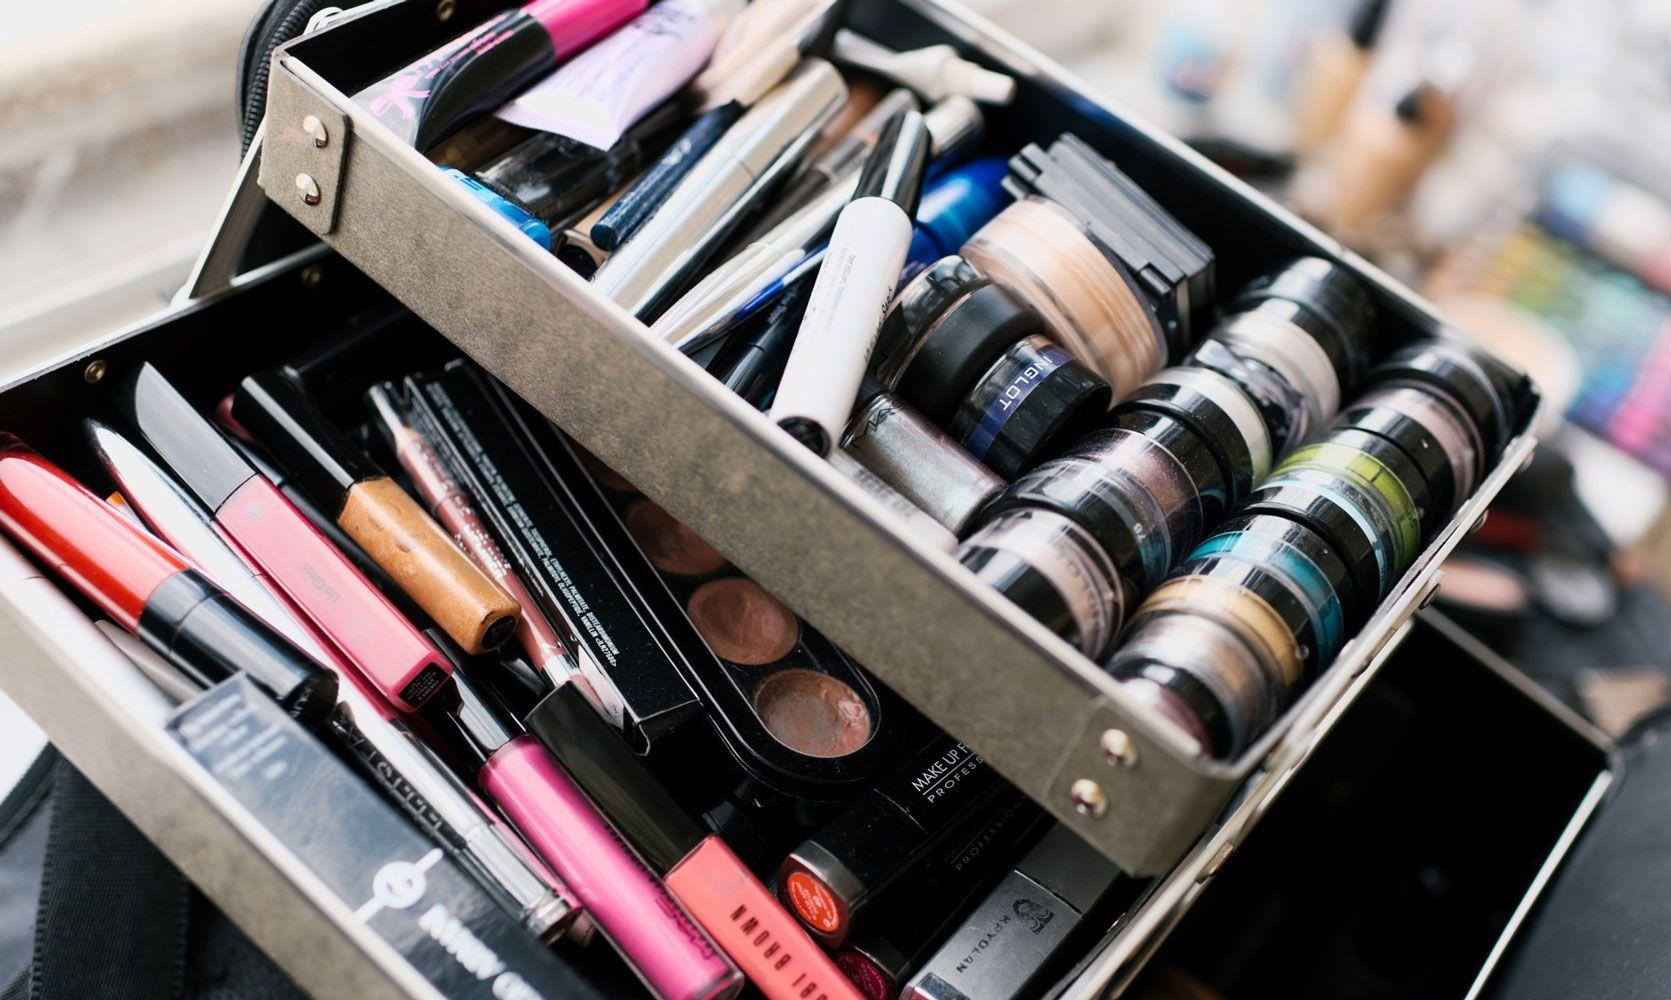 макияж косметичка